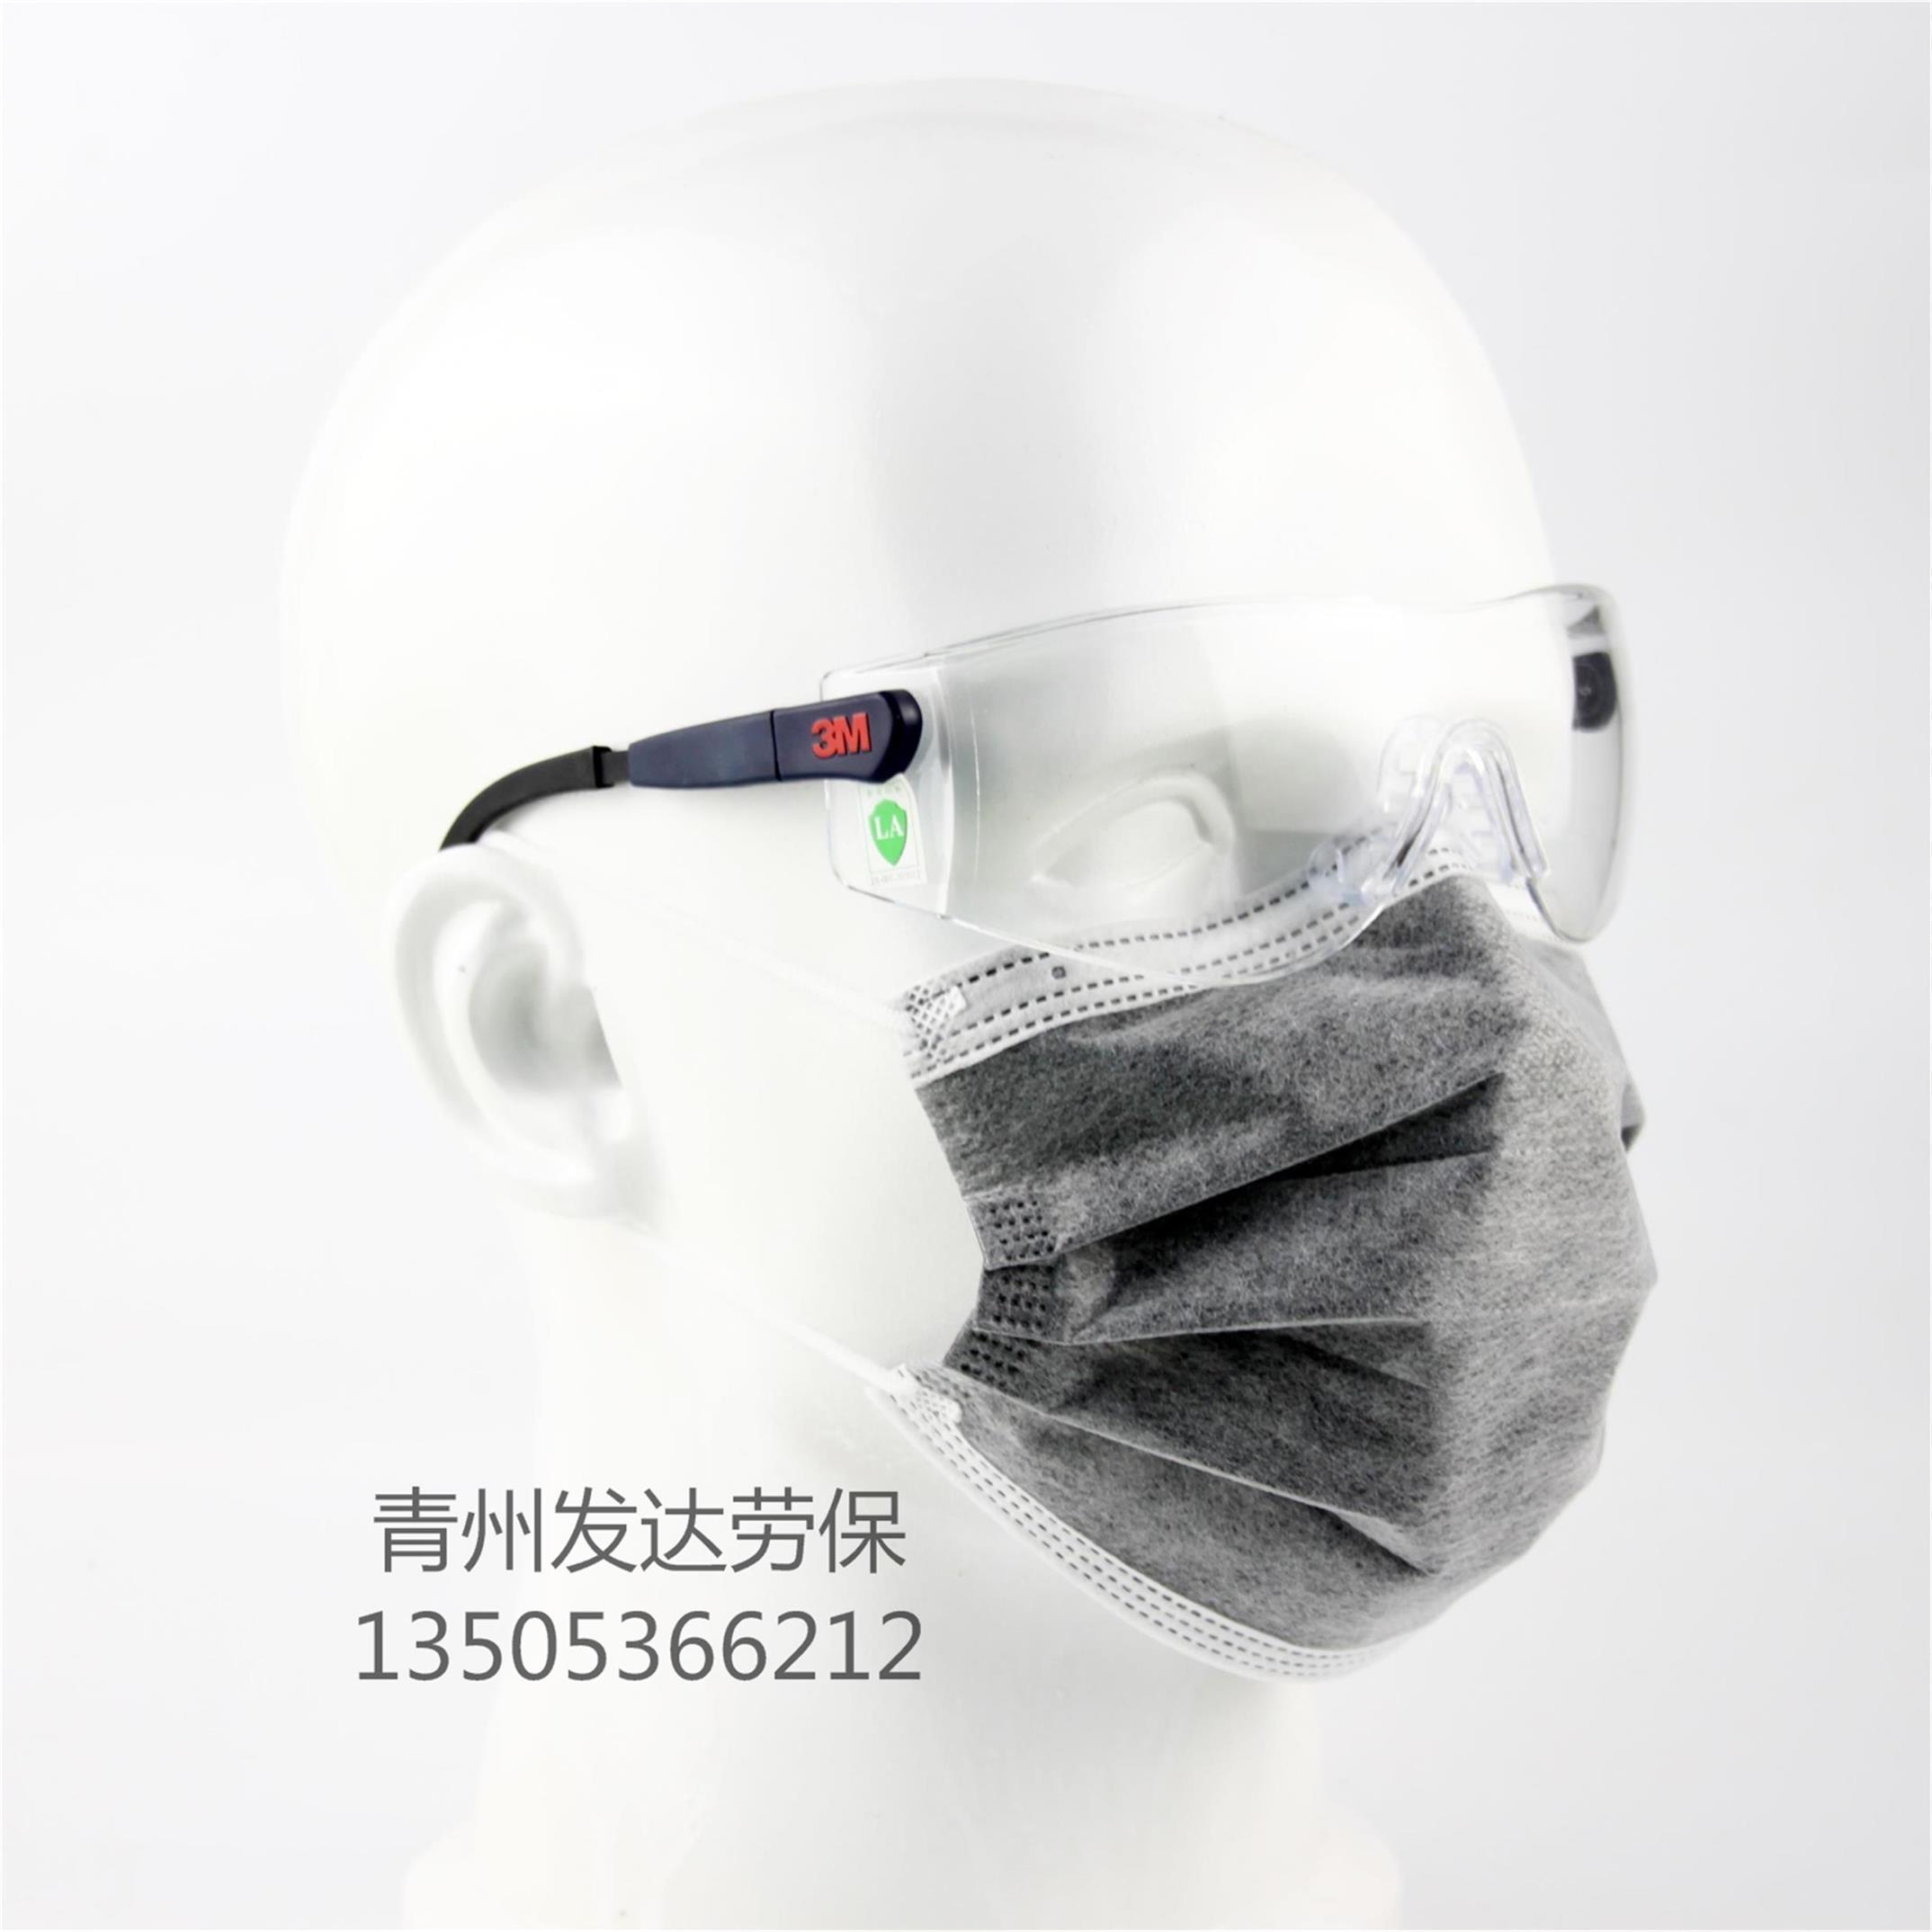 一次性活性炭口罩供货厂家-长期万博体育app官网安卓一次性活性炭潮款夏季透气防晒防尘防毒口罩